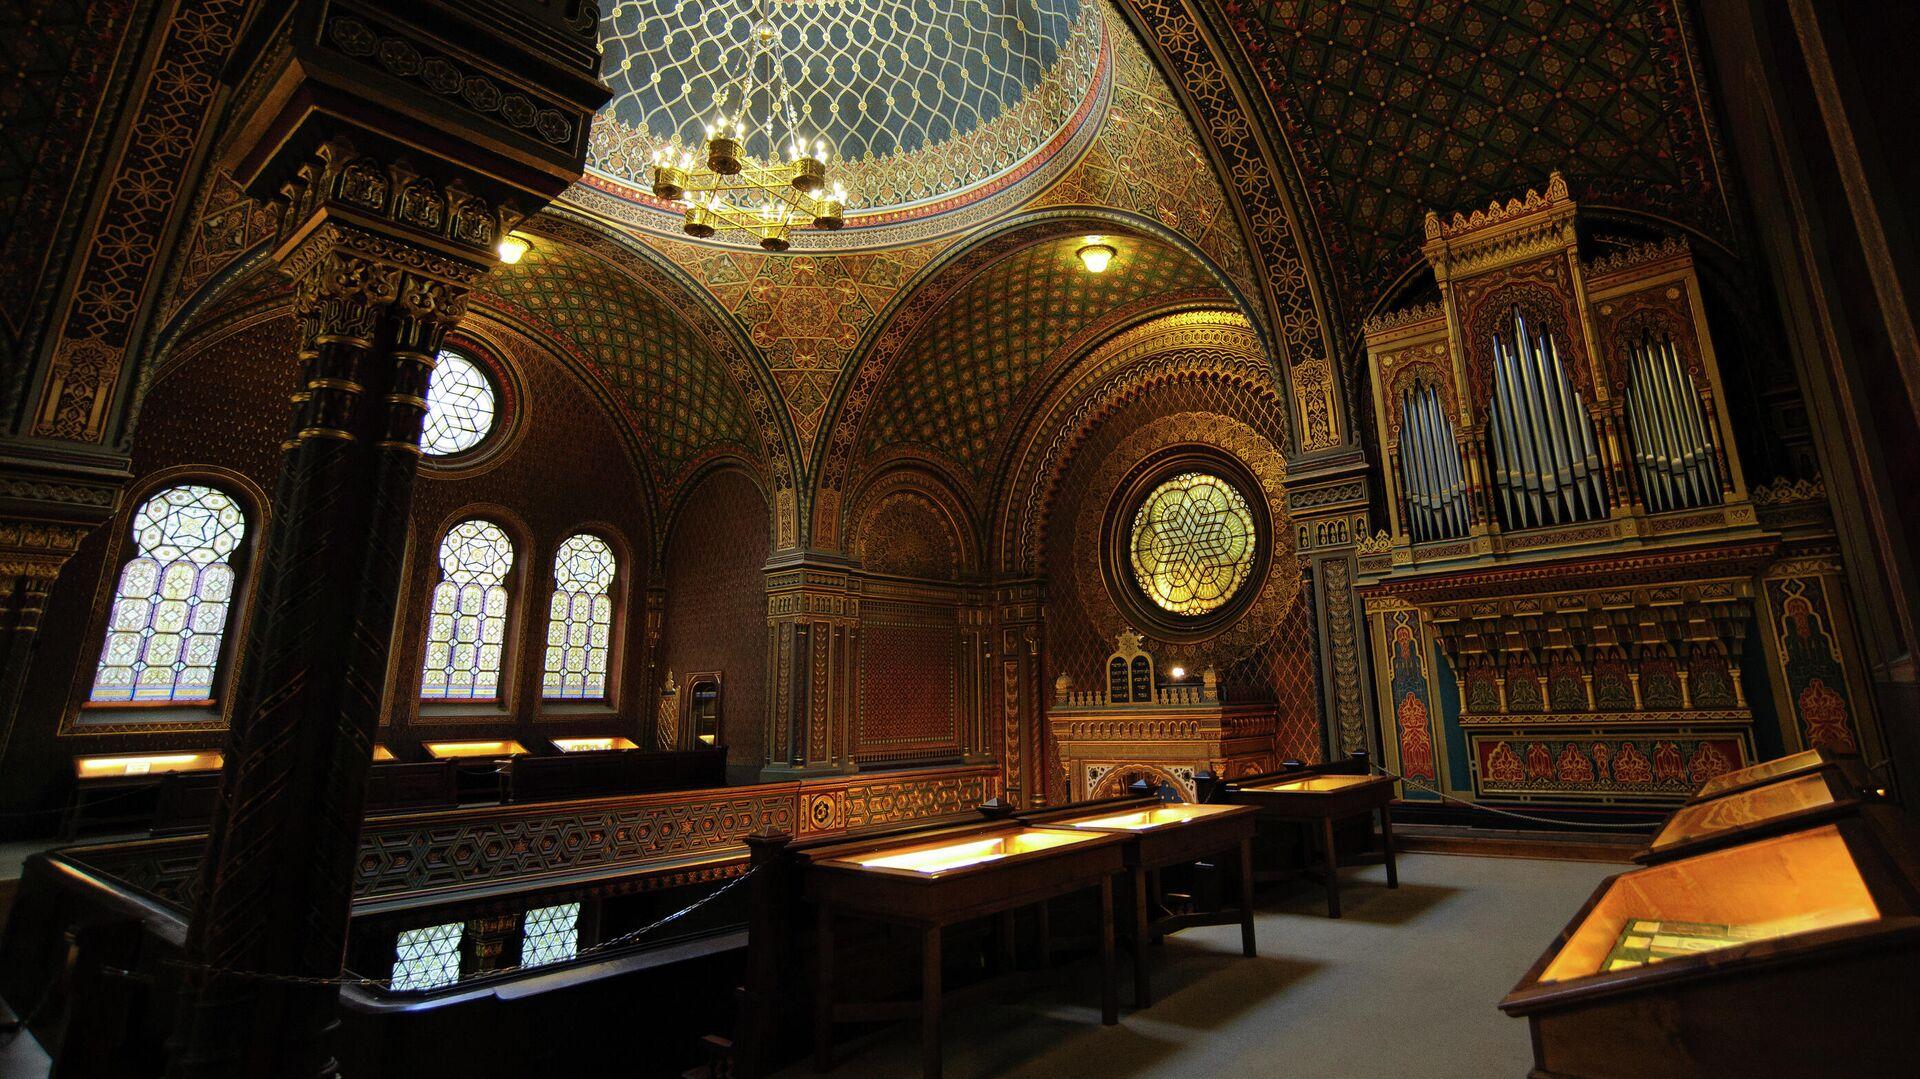 Интерьер Испанской синагоги в Праге - РИА Новости, 1920, 16.05.2021